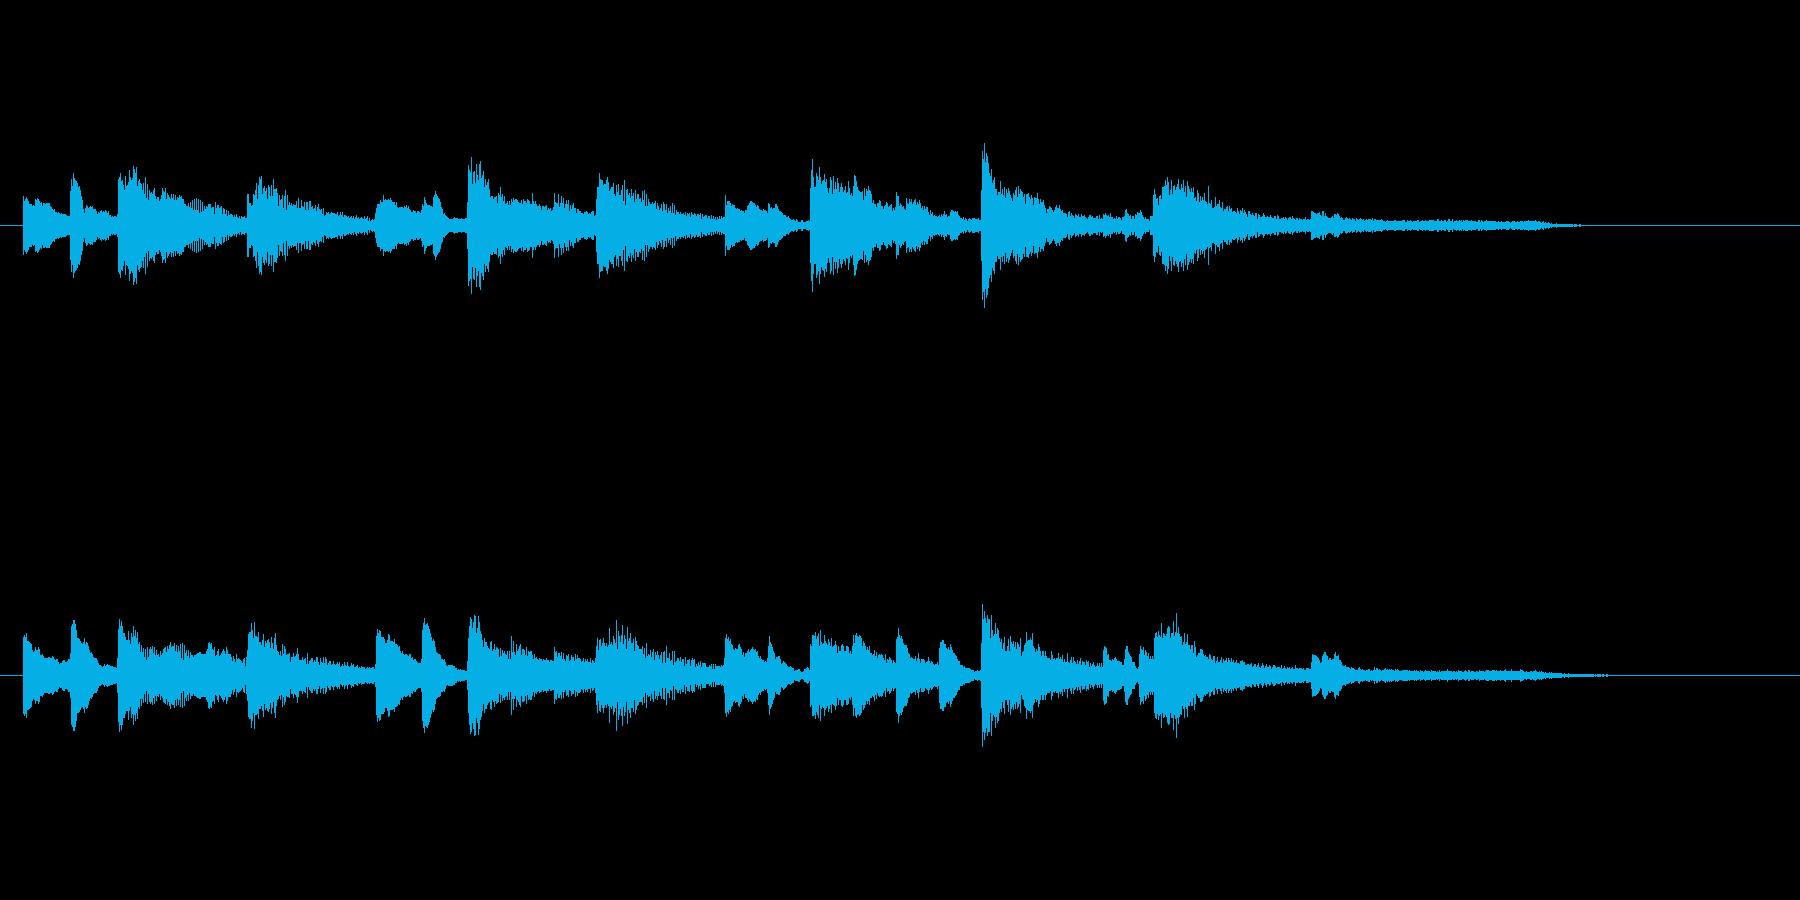 ゲームオーバーのジングル(ピアノ)の再生済みの波形